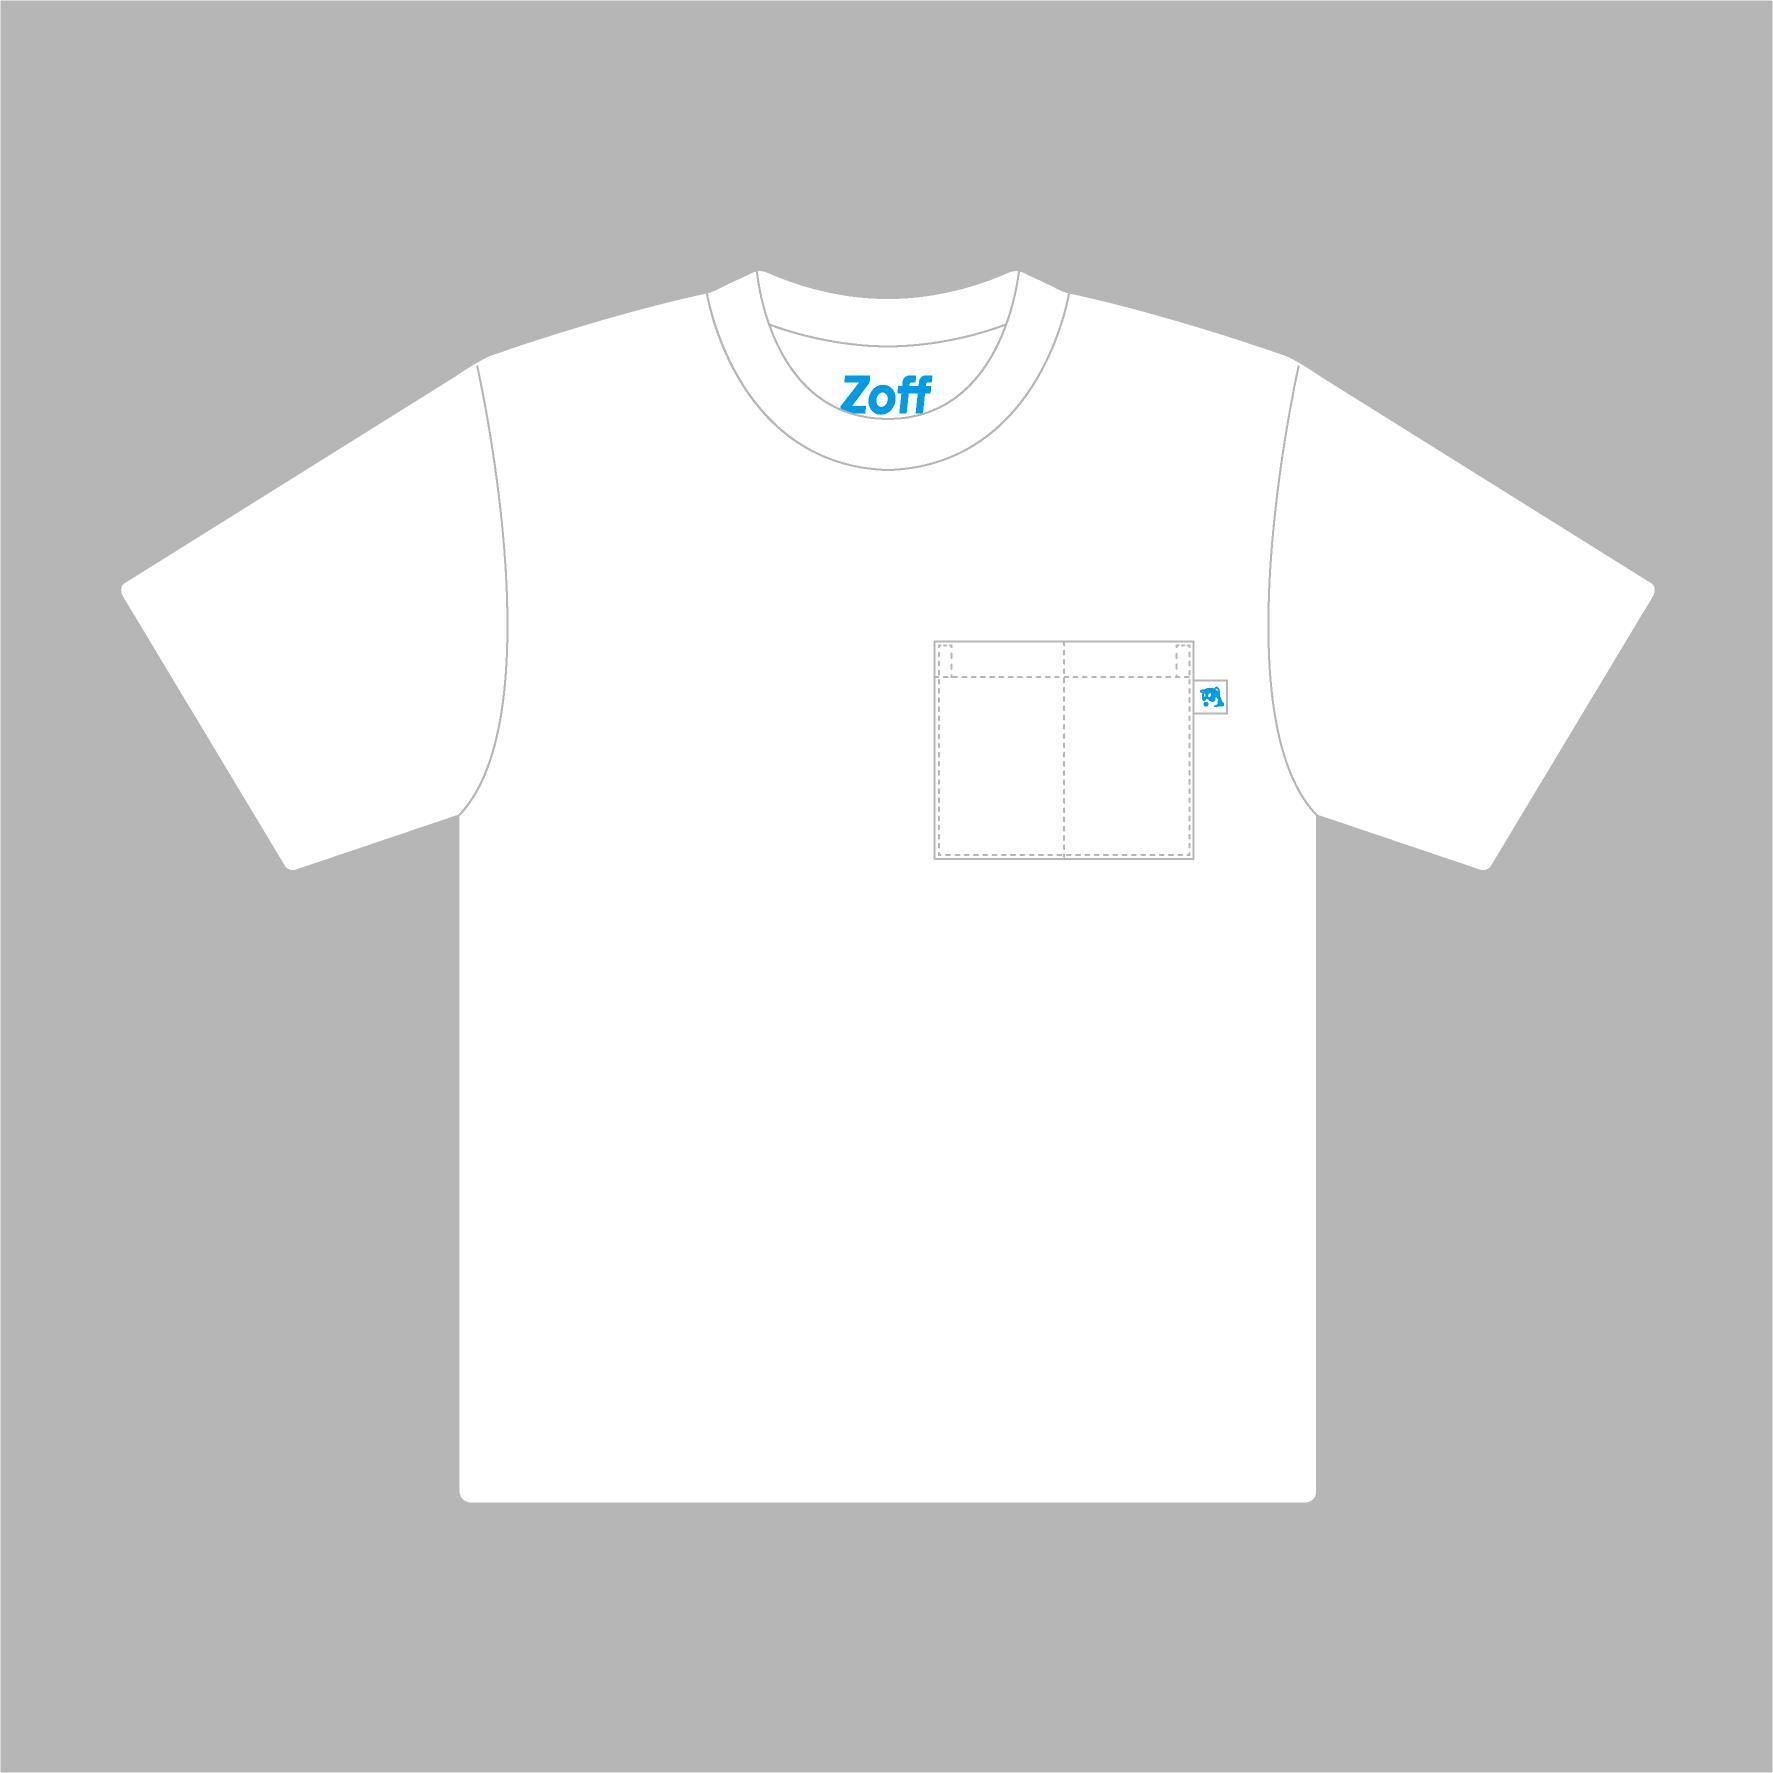 「オリジナルTシャツ」4,400円(税込)